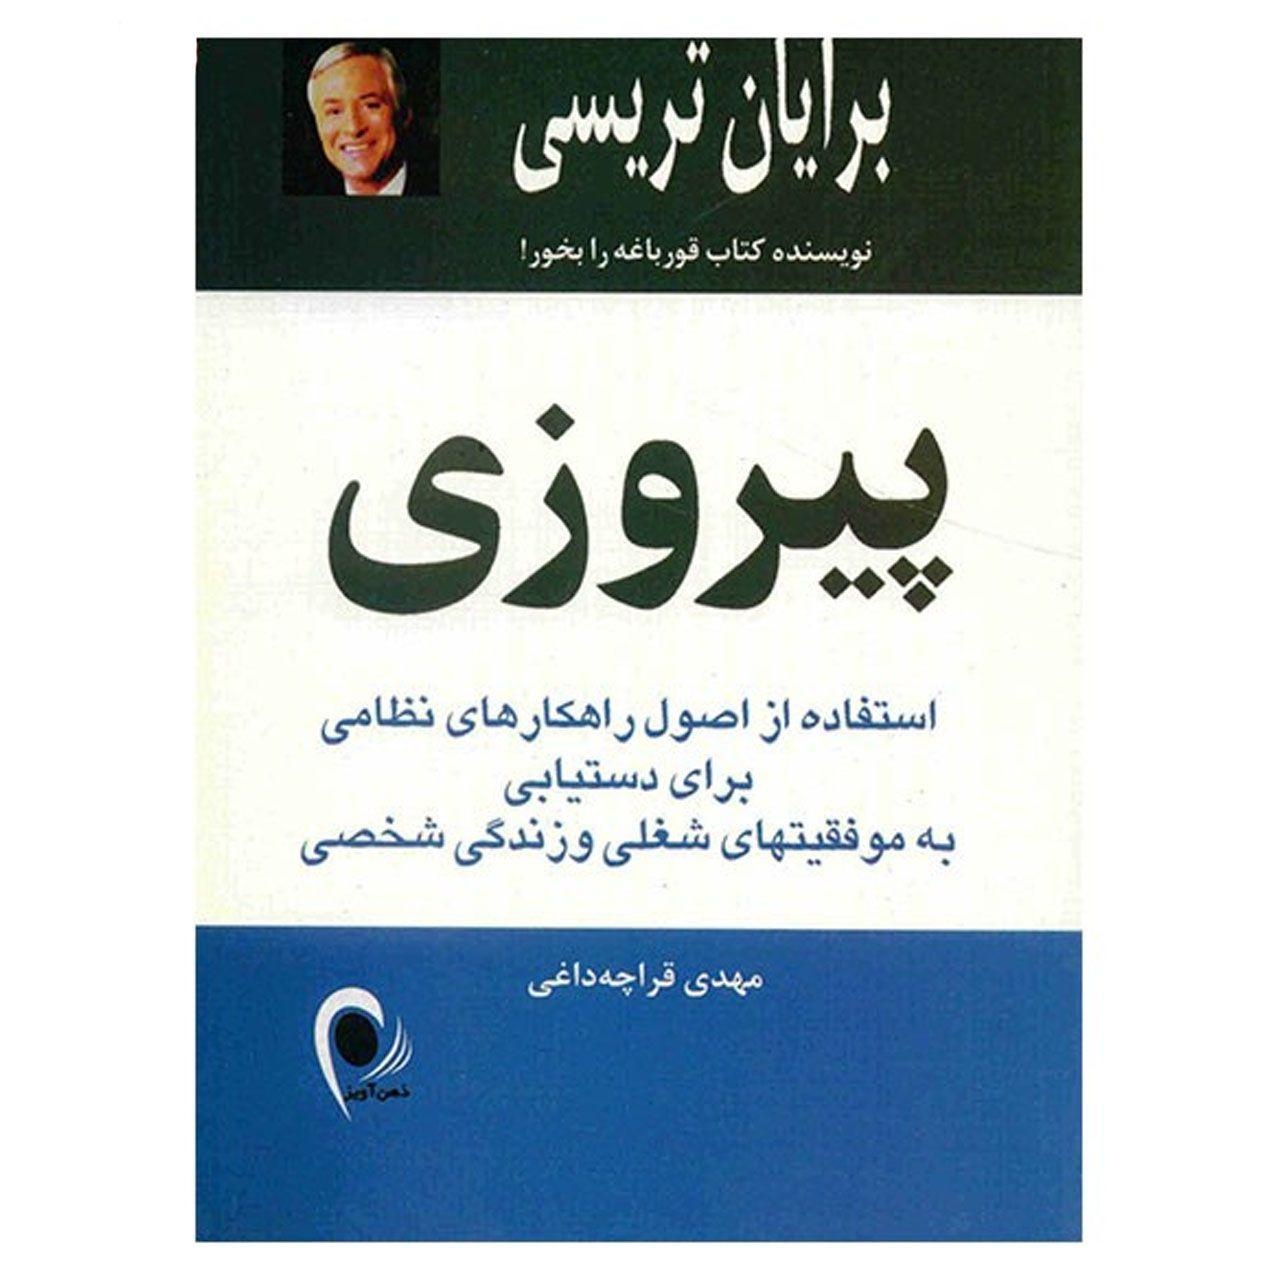 کتاب پیروزی اثر برایان تریسی main 1 2